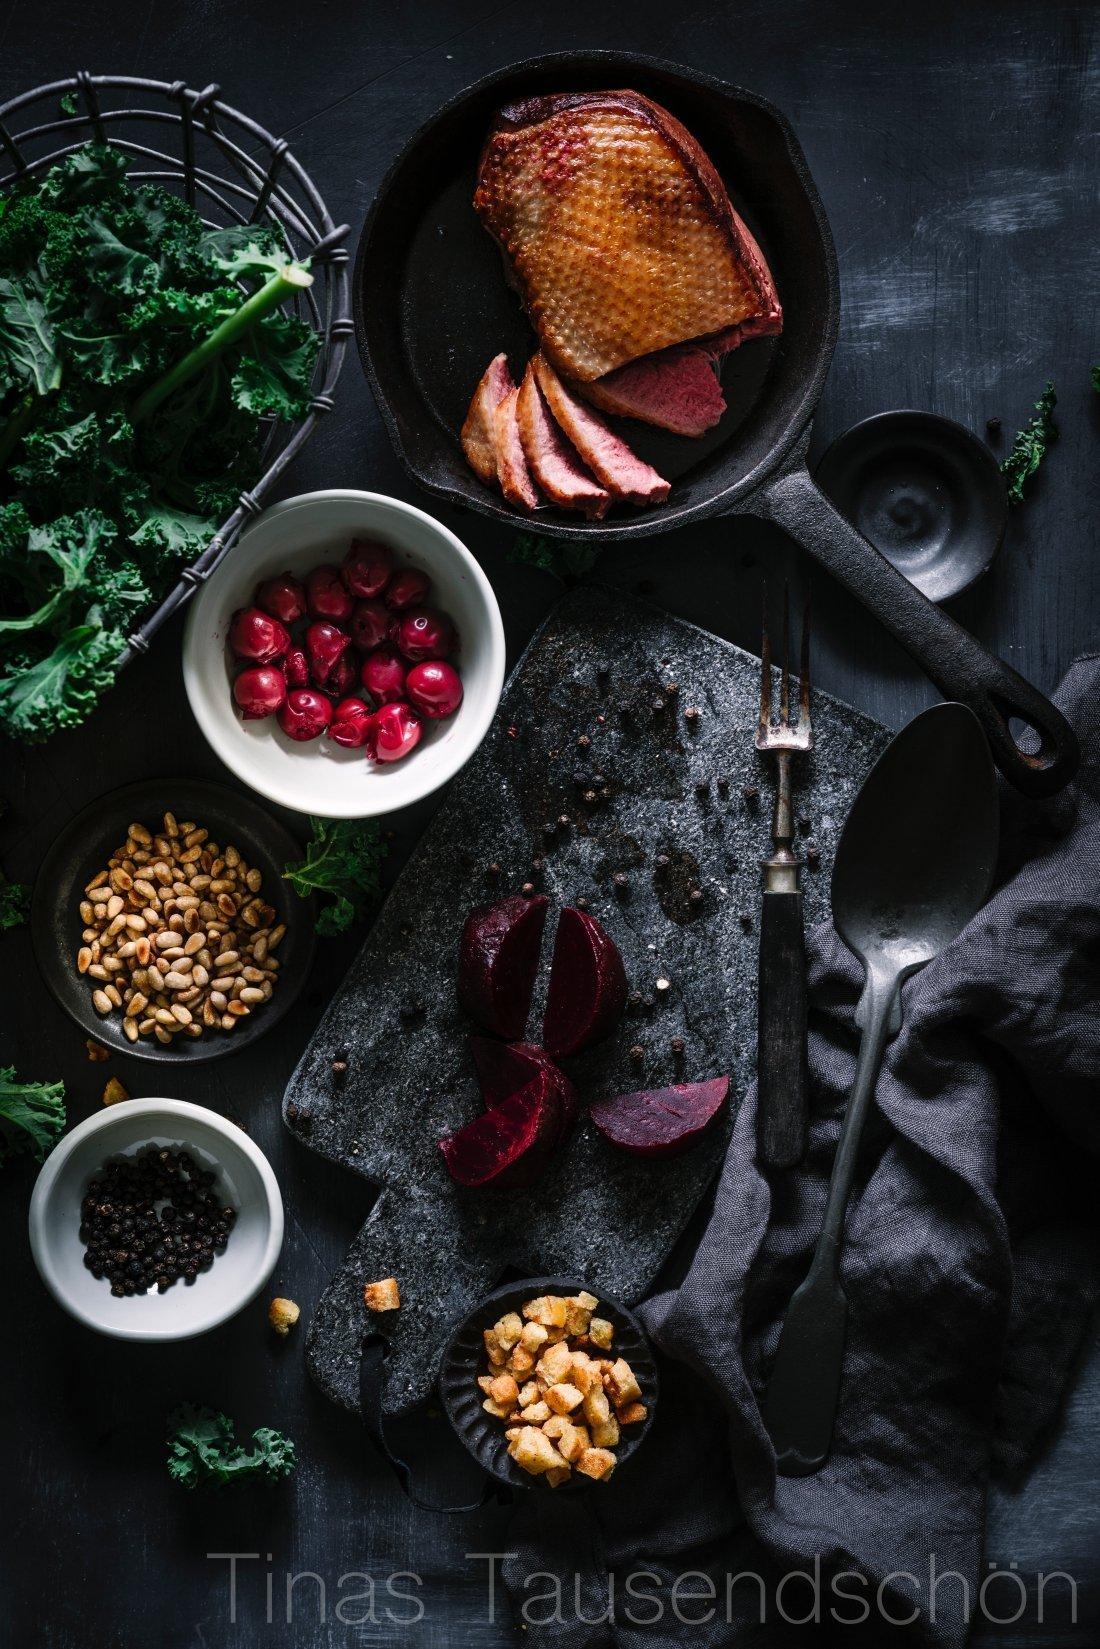 Grünkohlsalat mit Roter Bete, Möhren Pinienkernen rosa Entenbrust Vanille-Kirsch Dressing